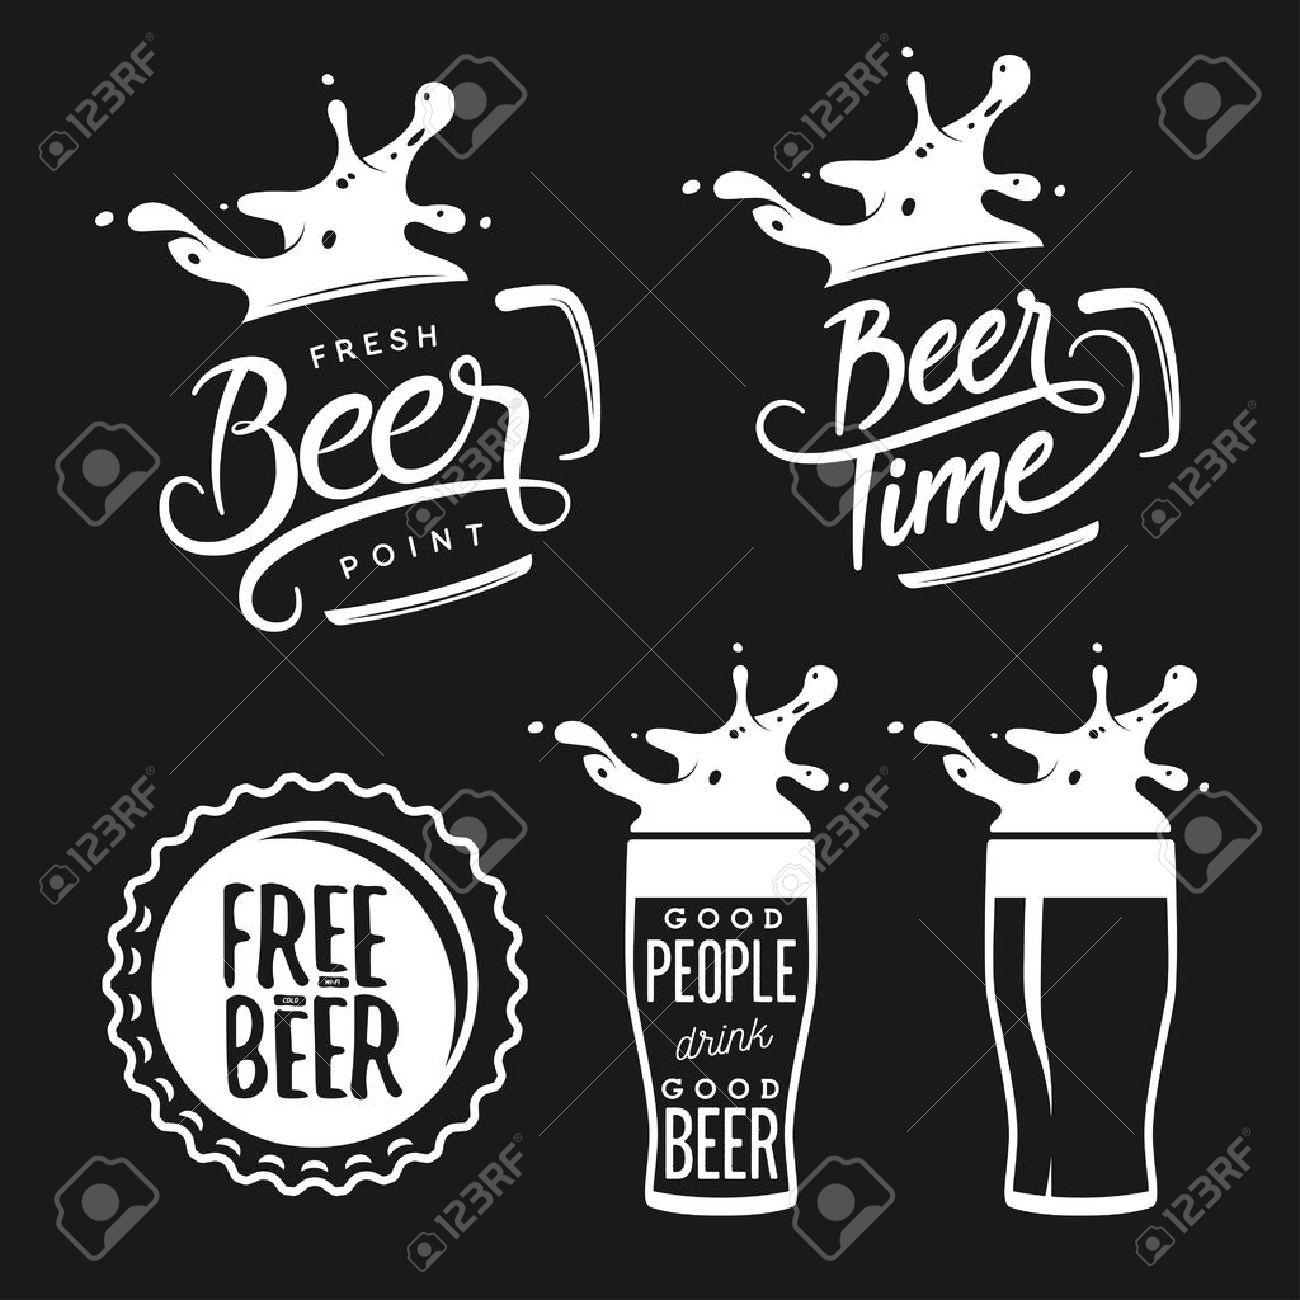 Beer related typography. Vector vintage lettering illustration. Chalkboard design elements for beer pub. Beer advertising. - 50721526